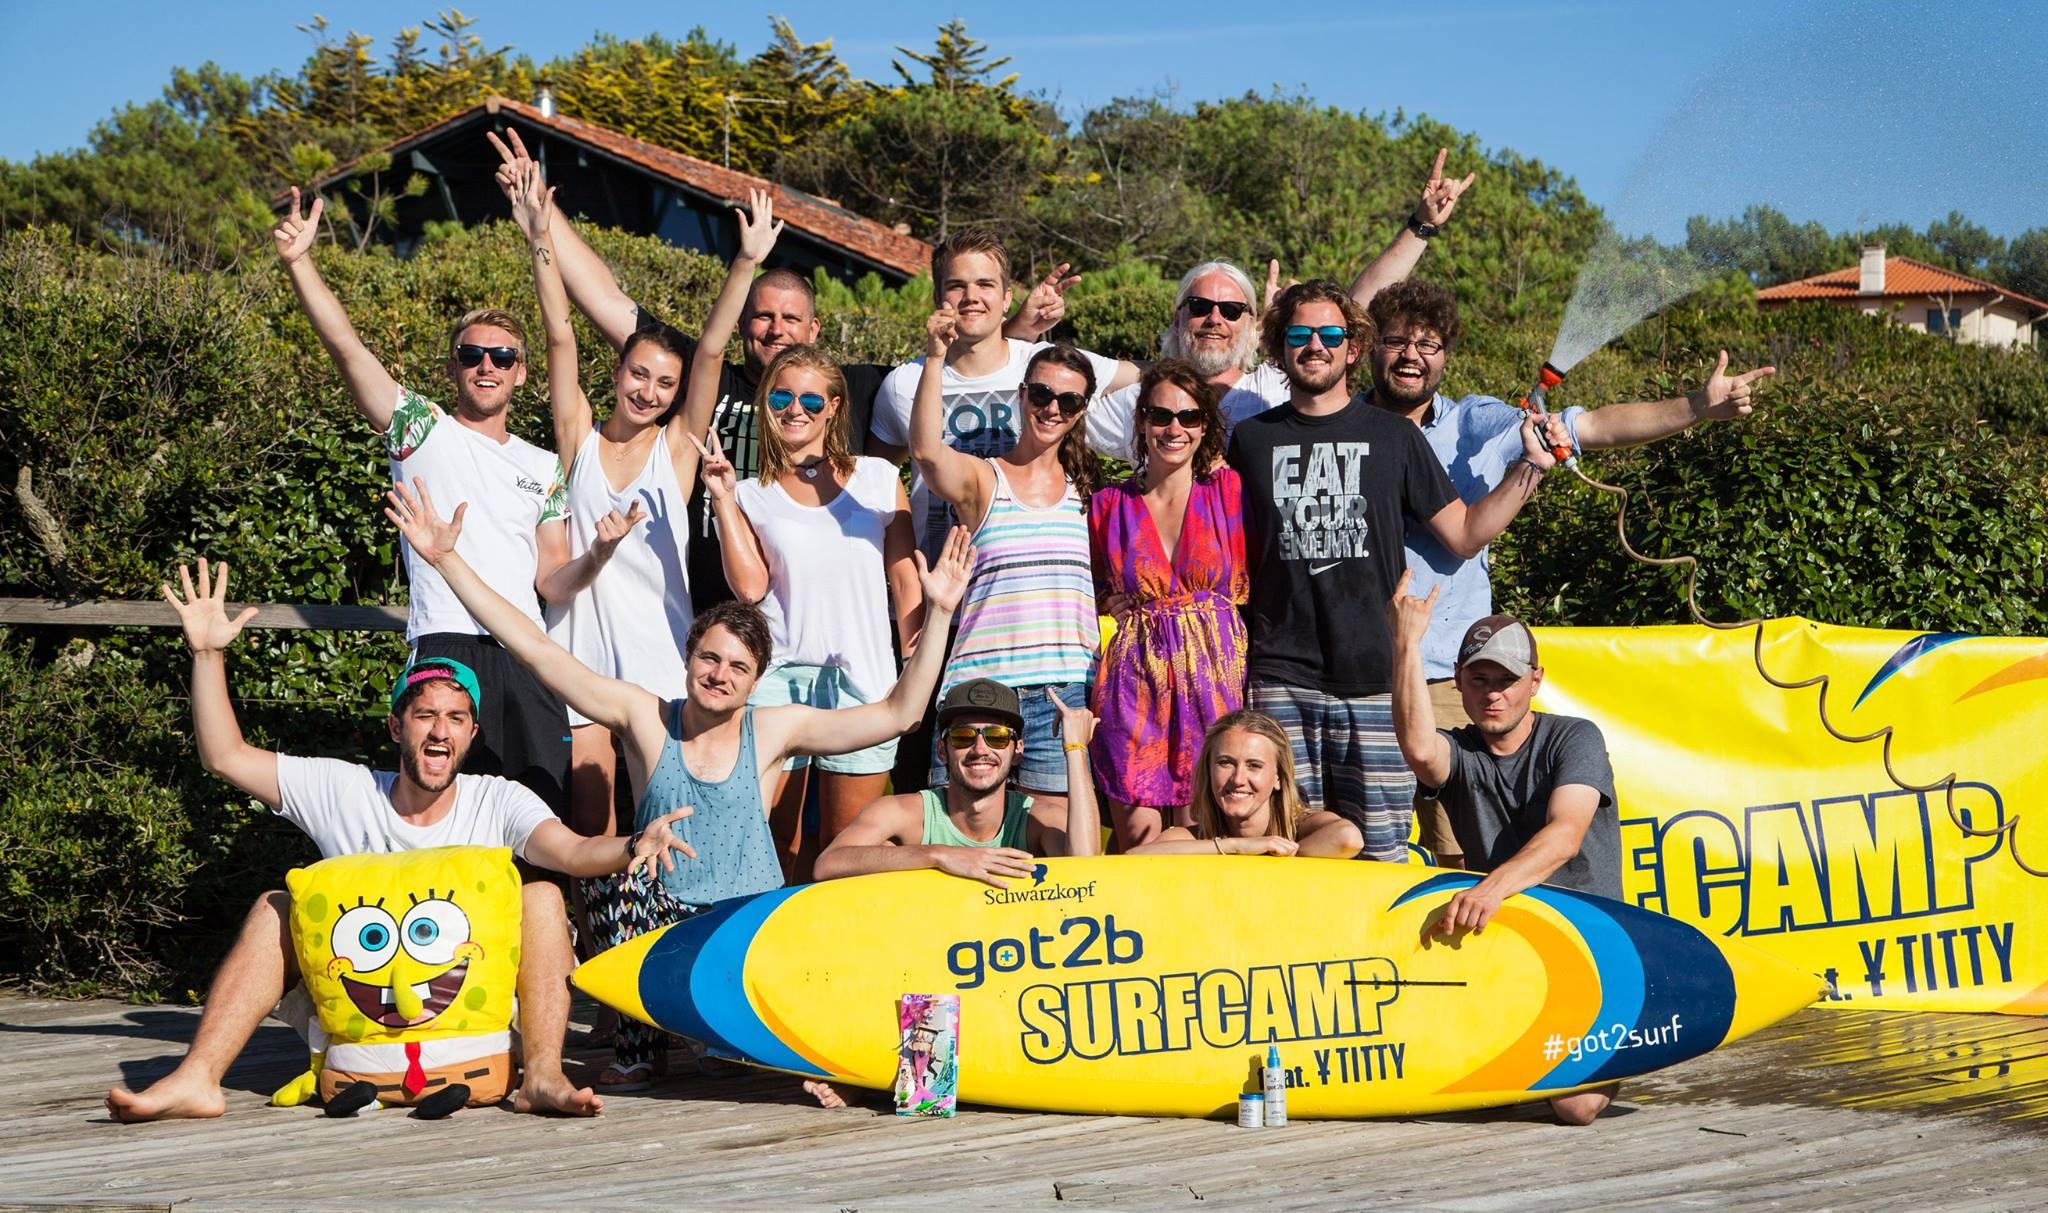 got2b-Surfcamp mit Y-Titty